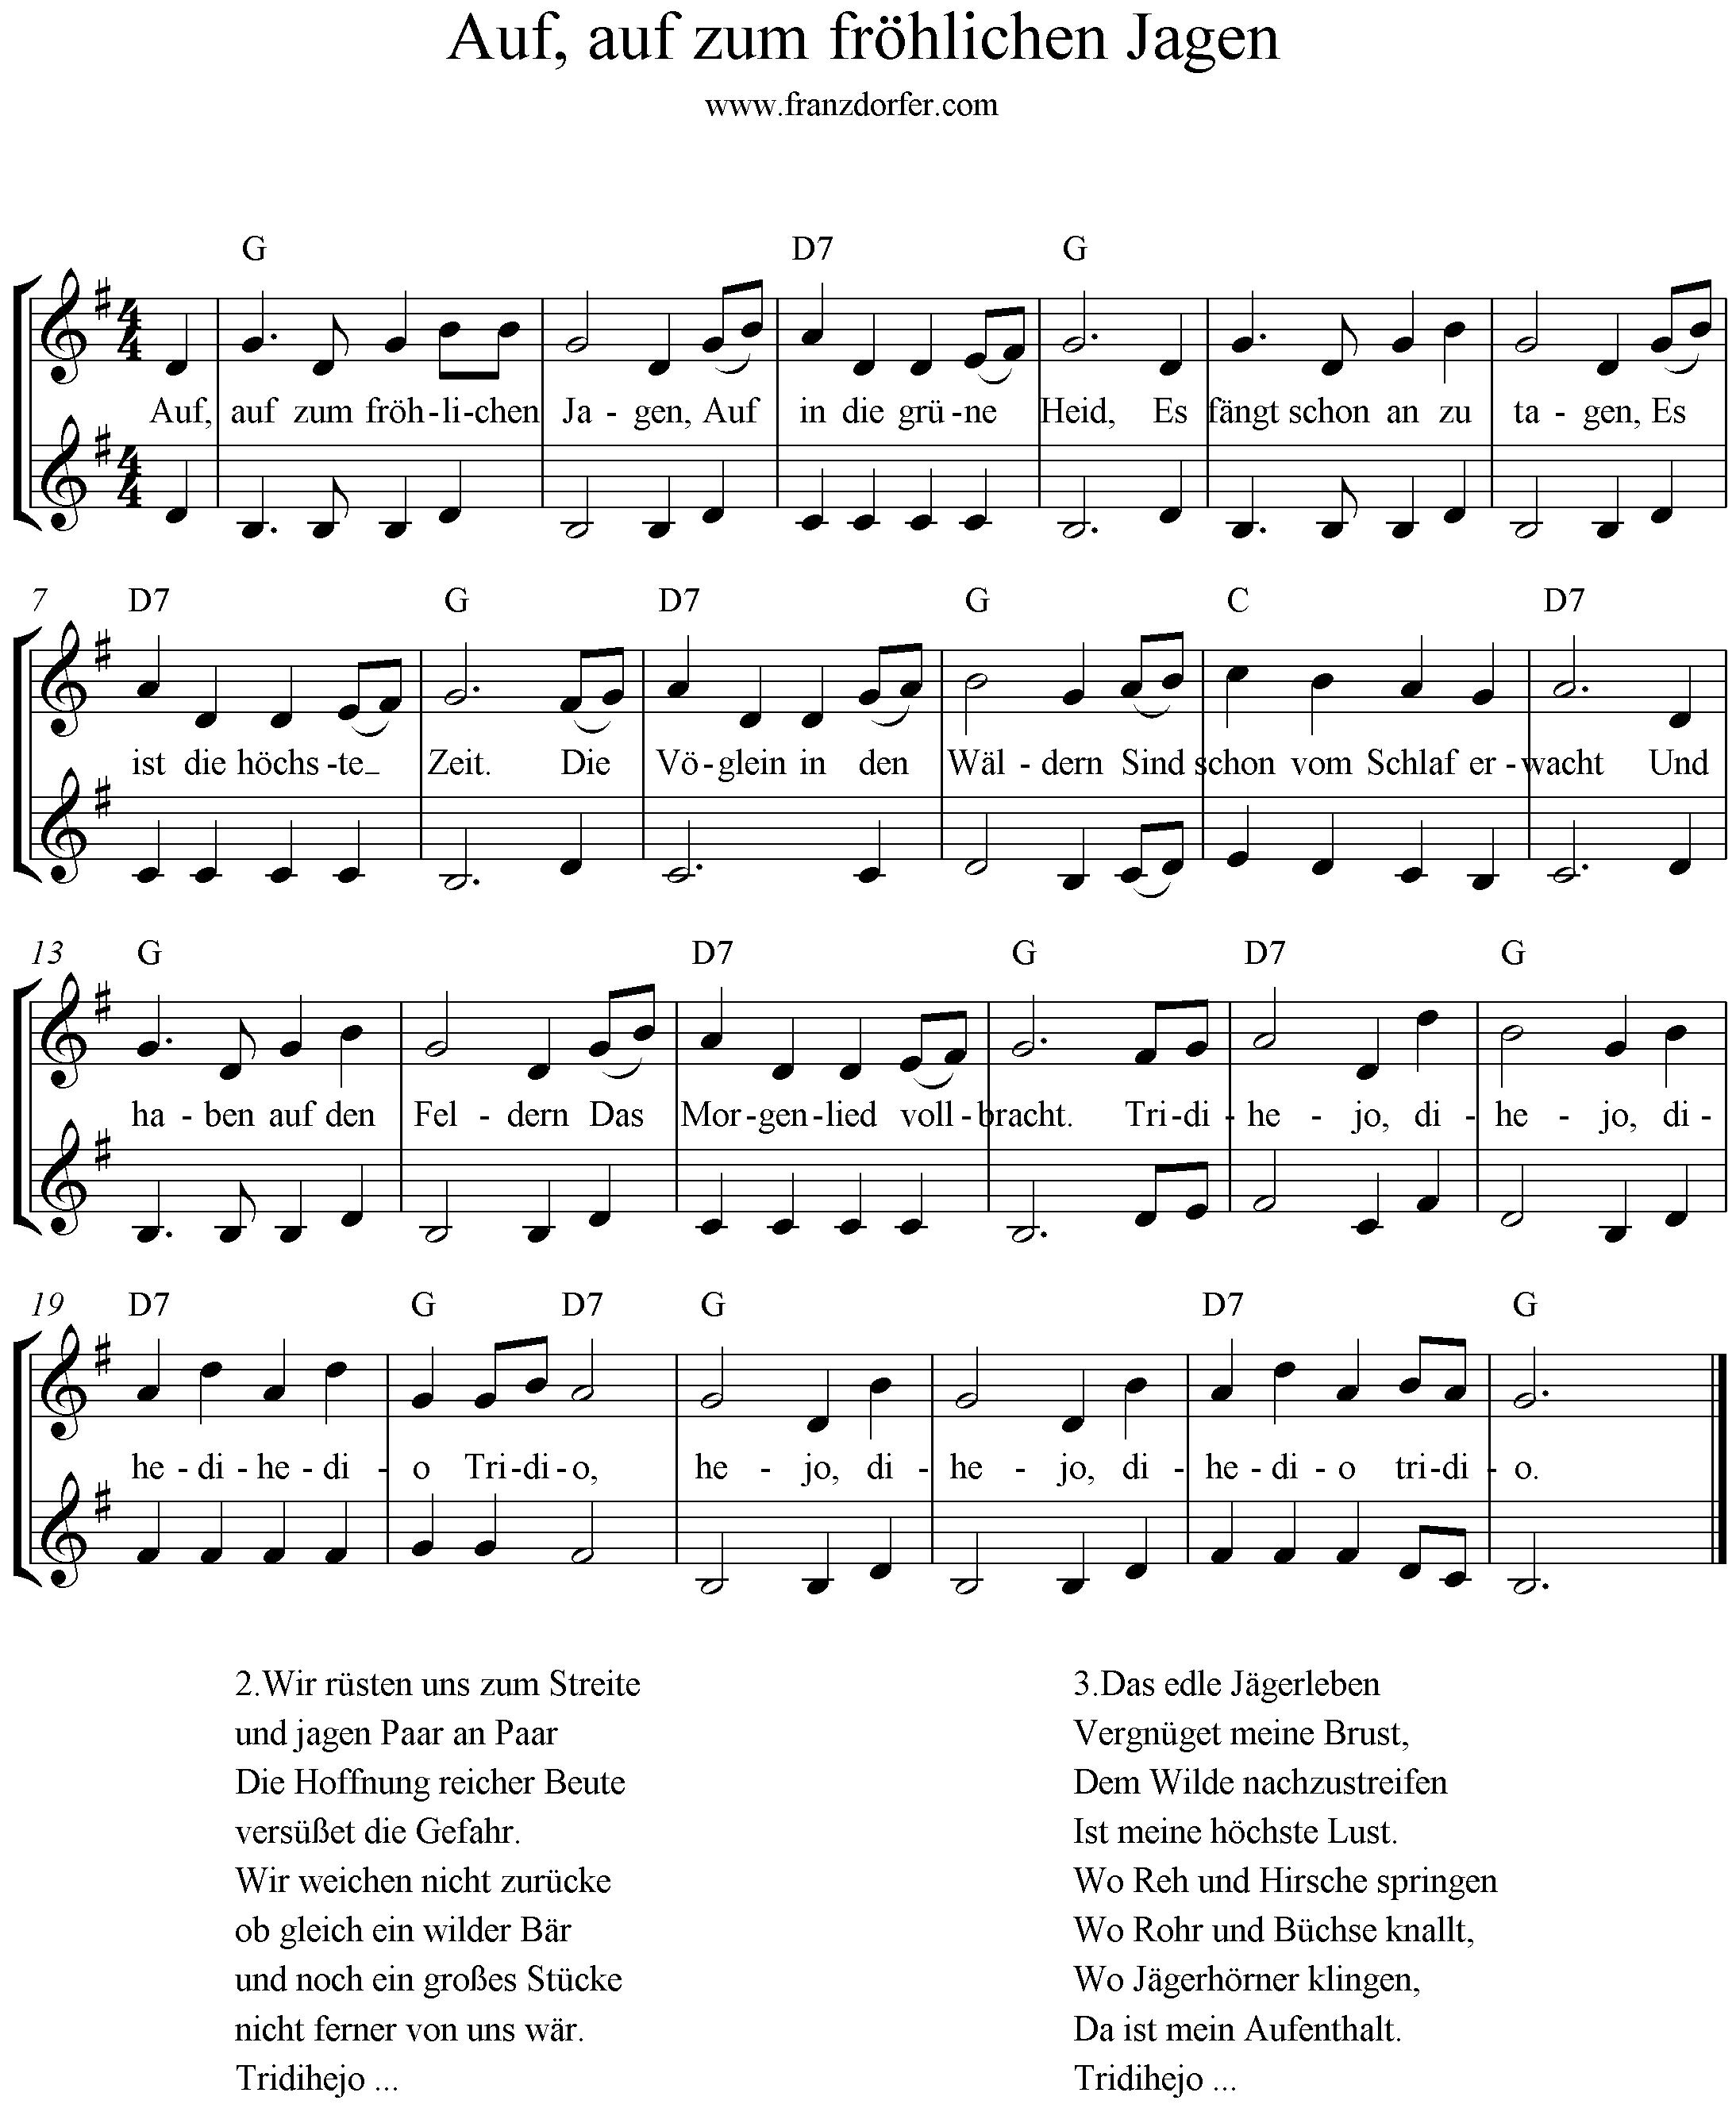 Noten, Auf auf zum fröhlichen jagen, G-Dur, 2stimmig, Blockflöte